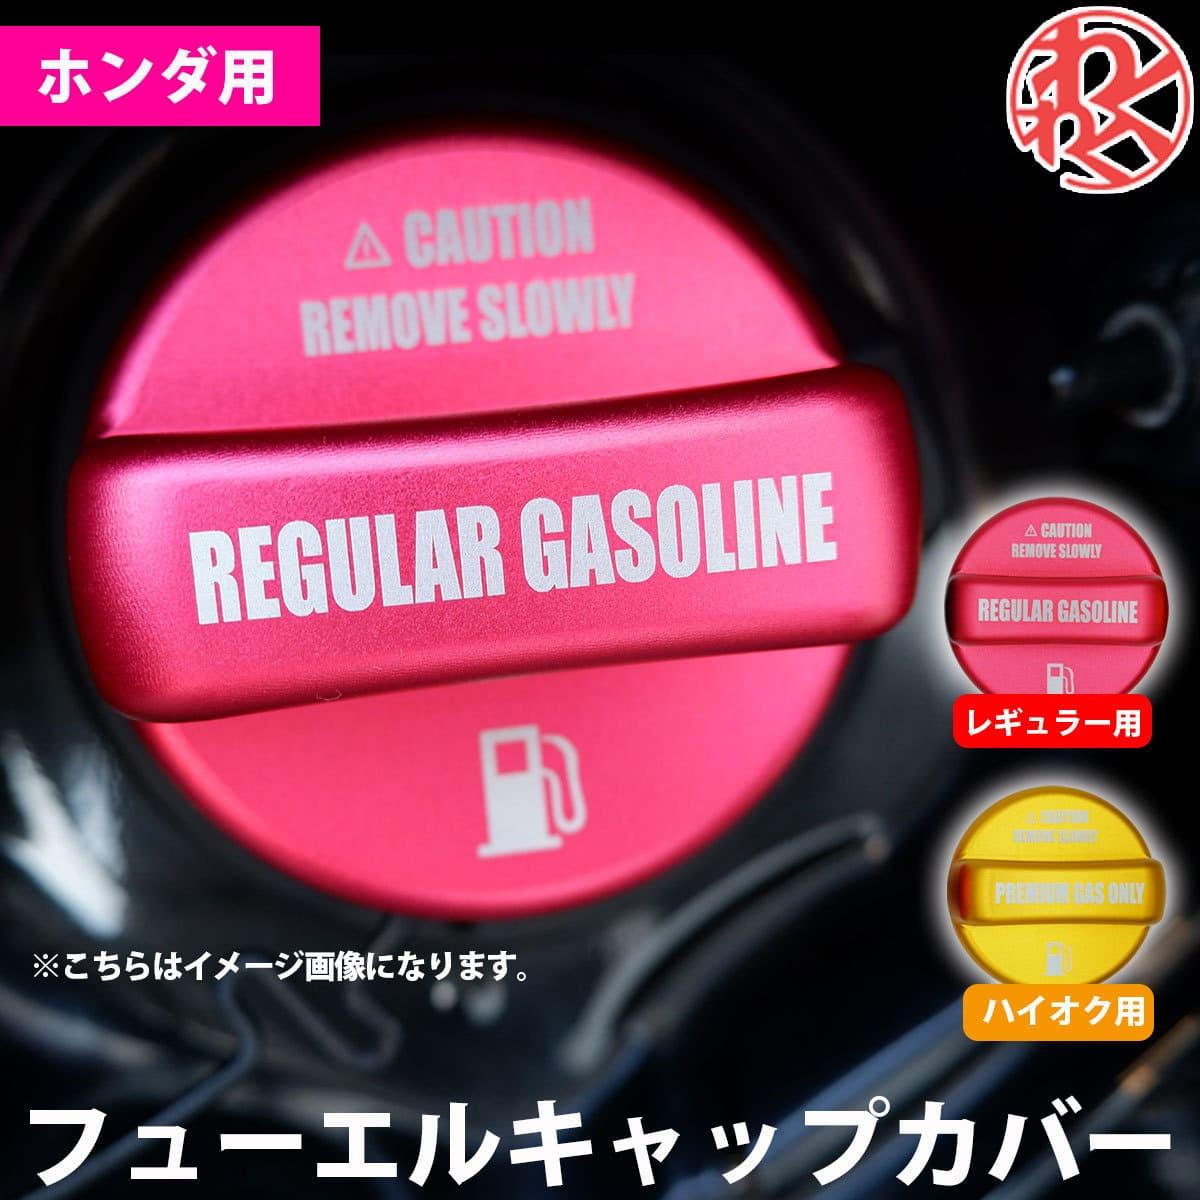 正規品スーパーSALE×店内全品キャンペーン ホンダ N-ONE用 給油口キャップを簡単ドレスアップ N-ONE JG1 2 給油口キャップ ガソリンタンクキャップ メイルオーダー わくわくファイネスト ドレスアップ カスタム フューエルキャップカバー